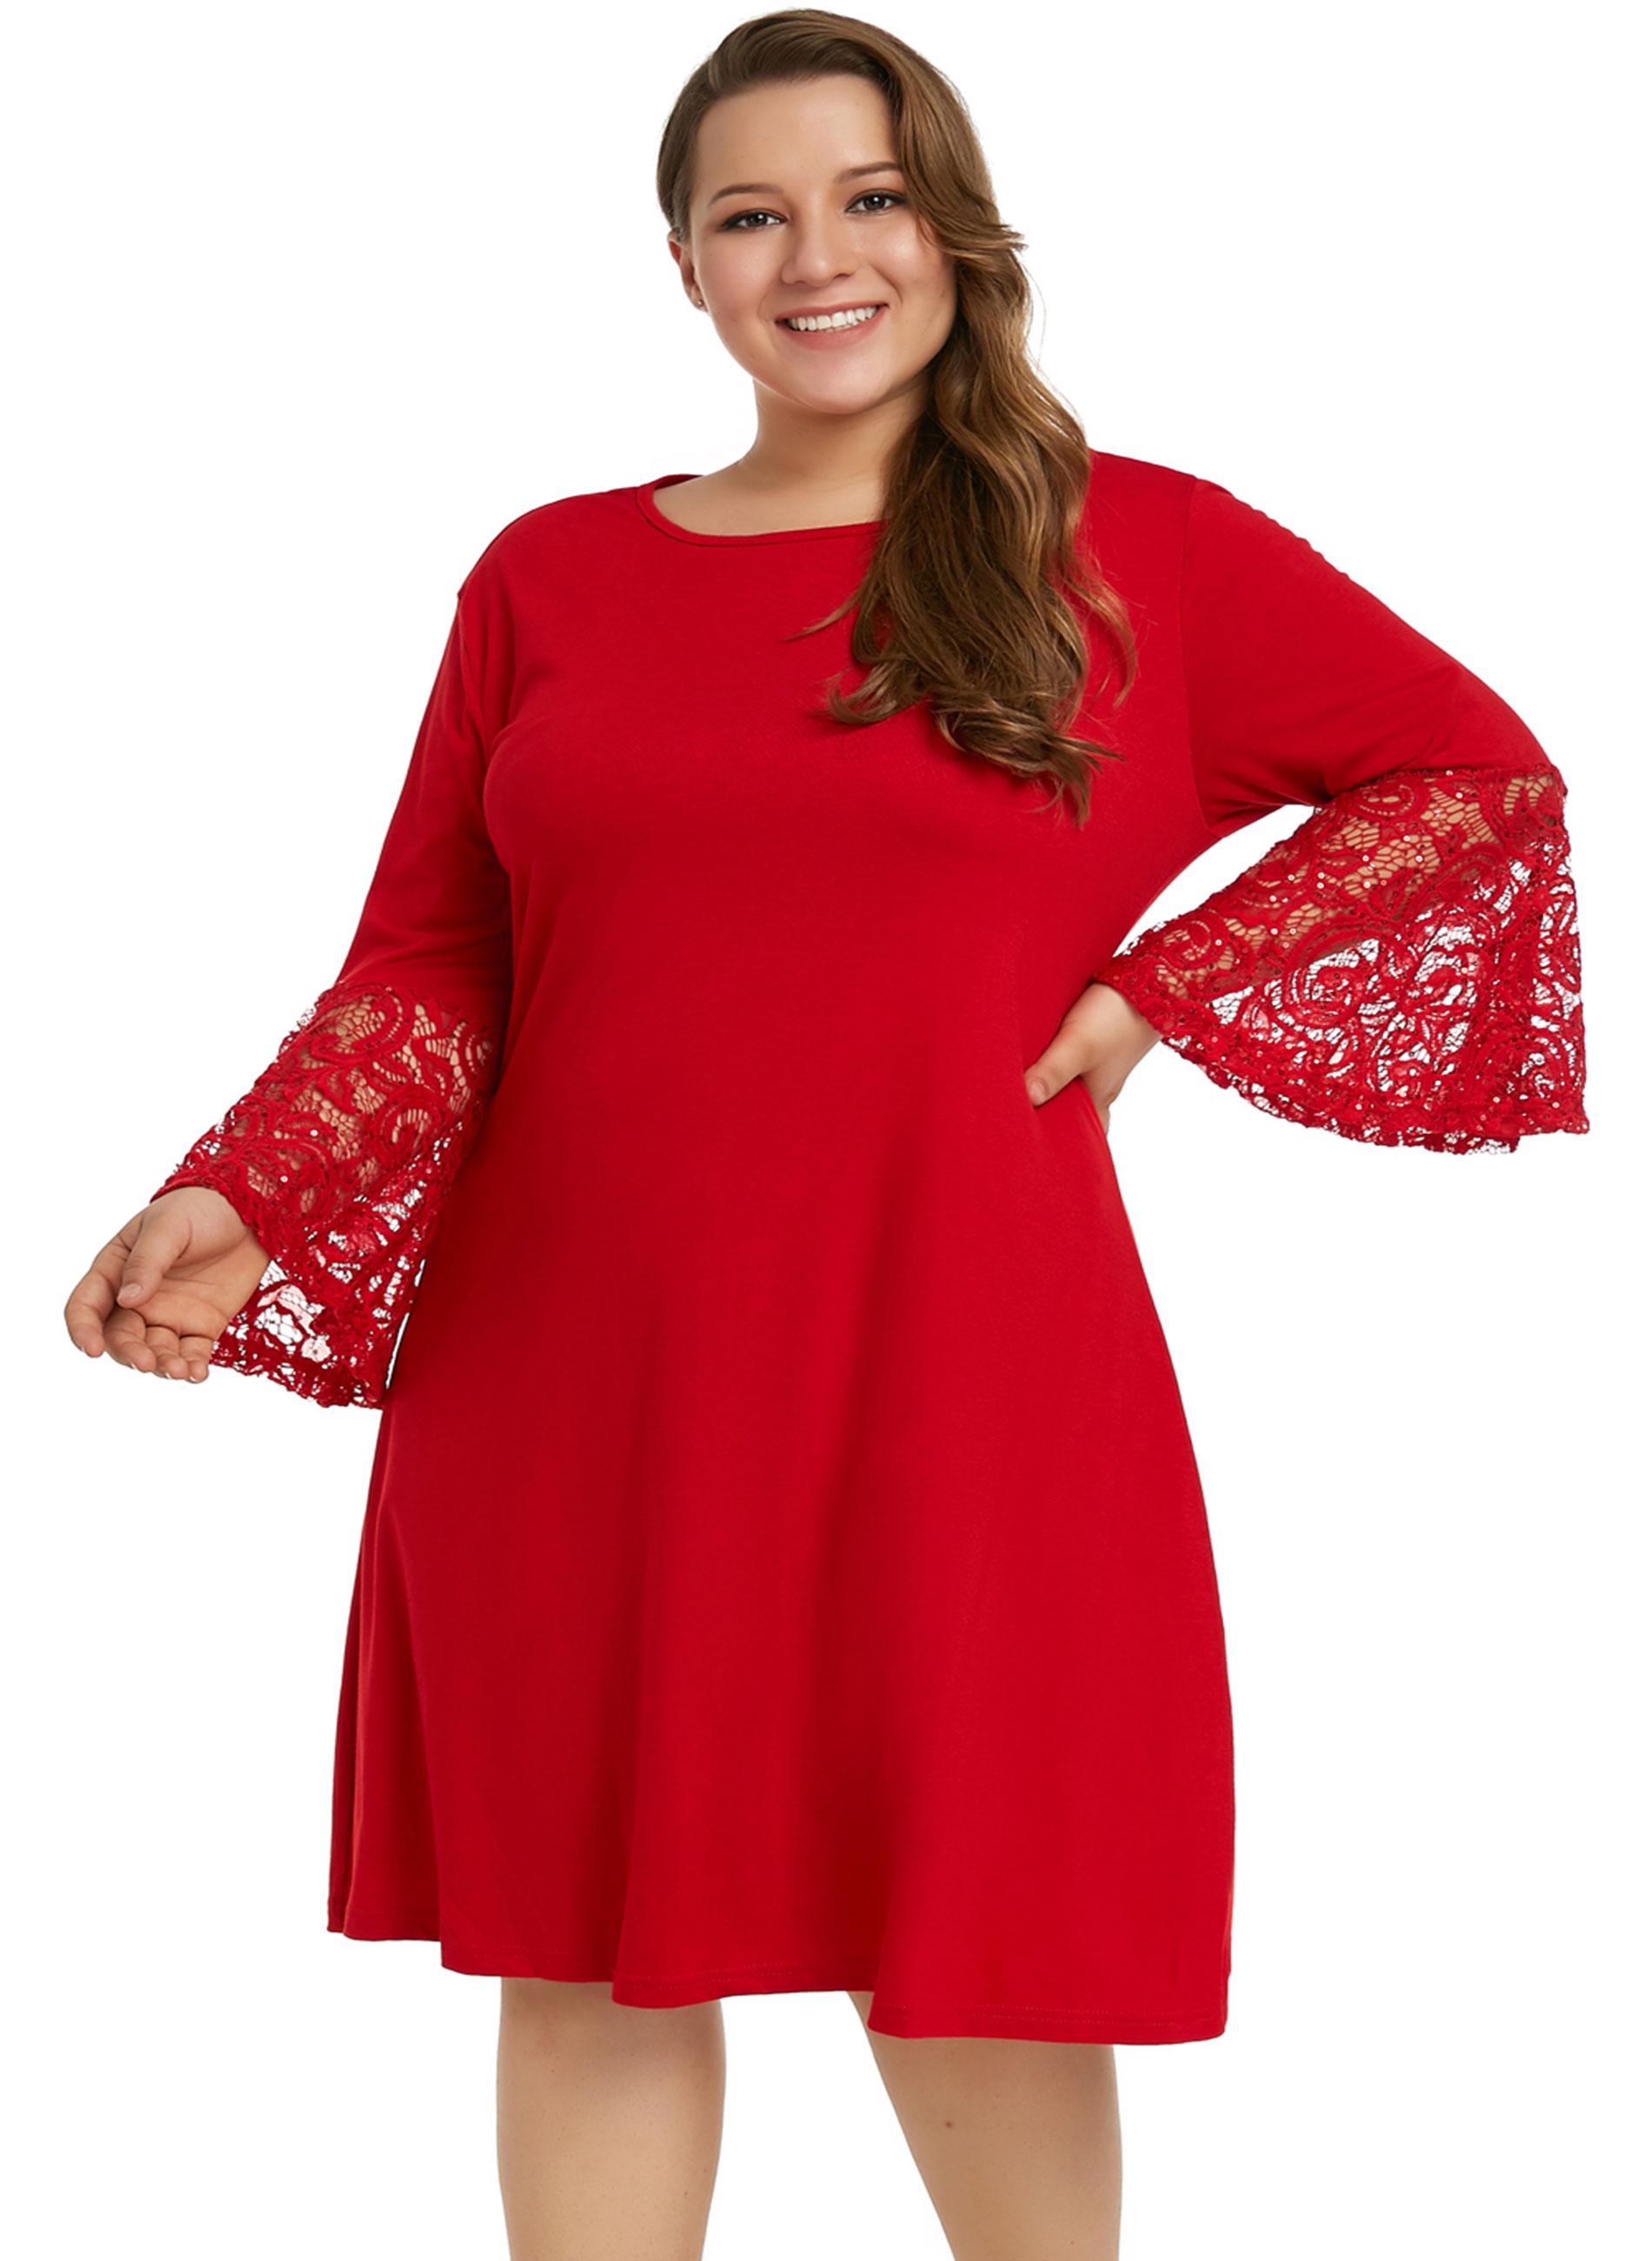 4443b0670ea ΜΕΓΑΛΑ ΜΕΓΕΘΗ ΦΟΡΕΜΑΤΑ :: Φόρεμα Κόκκινο με Δαντελωτά Μανίκια ...